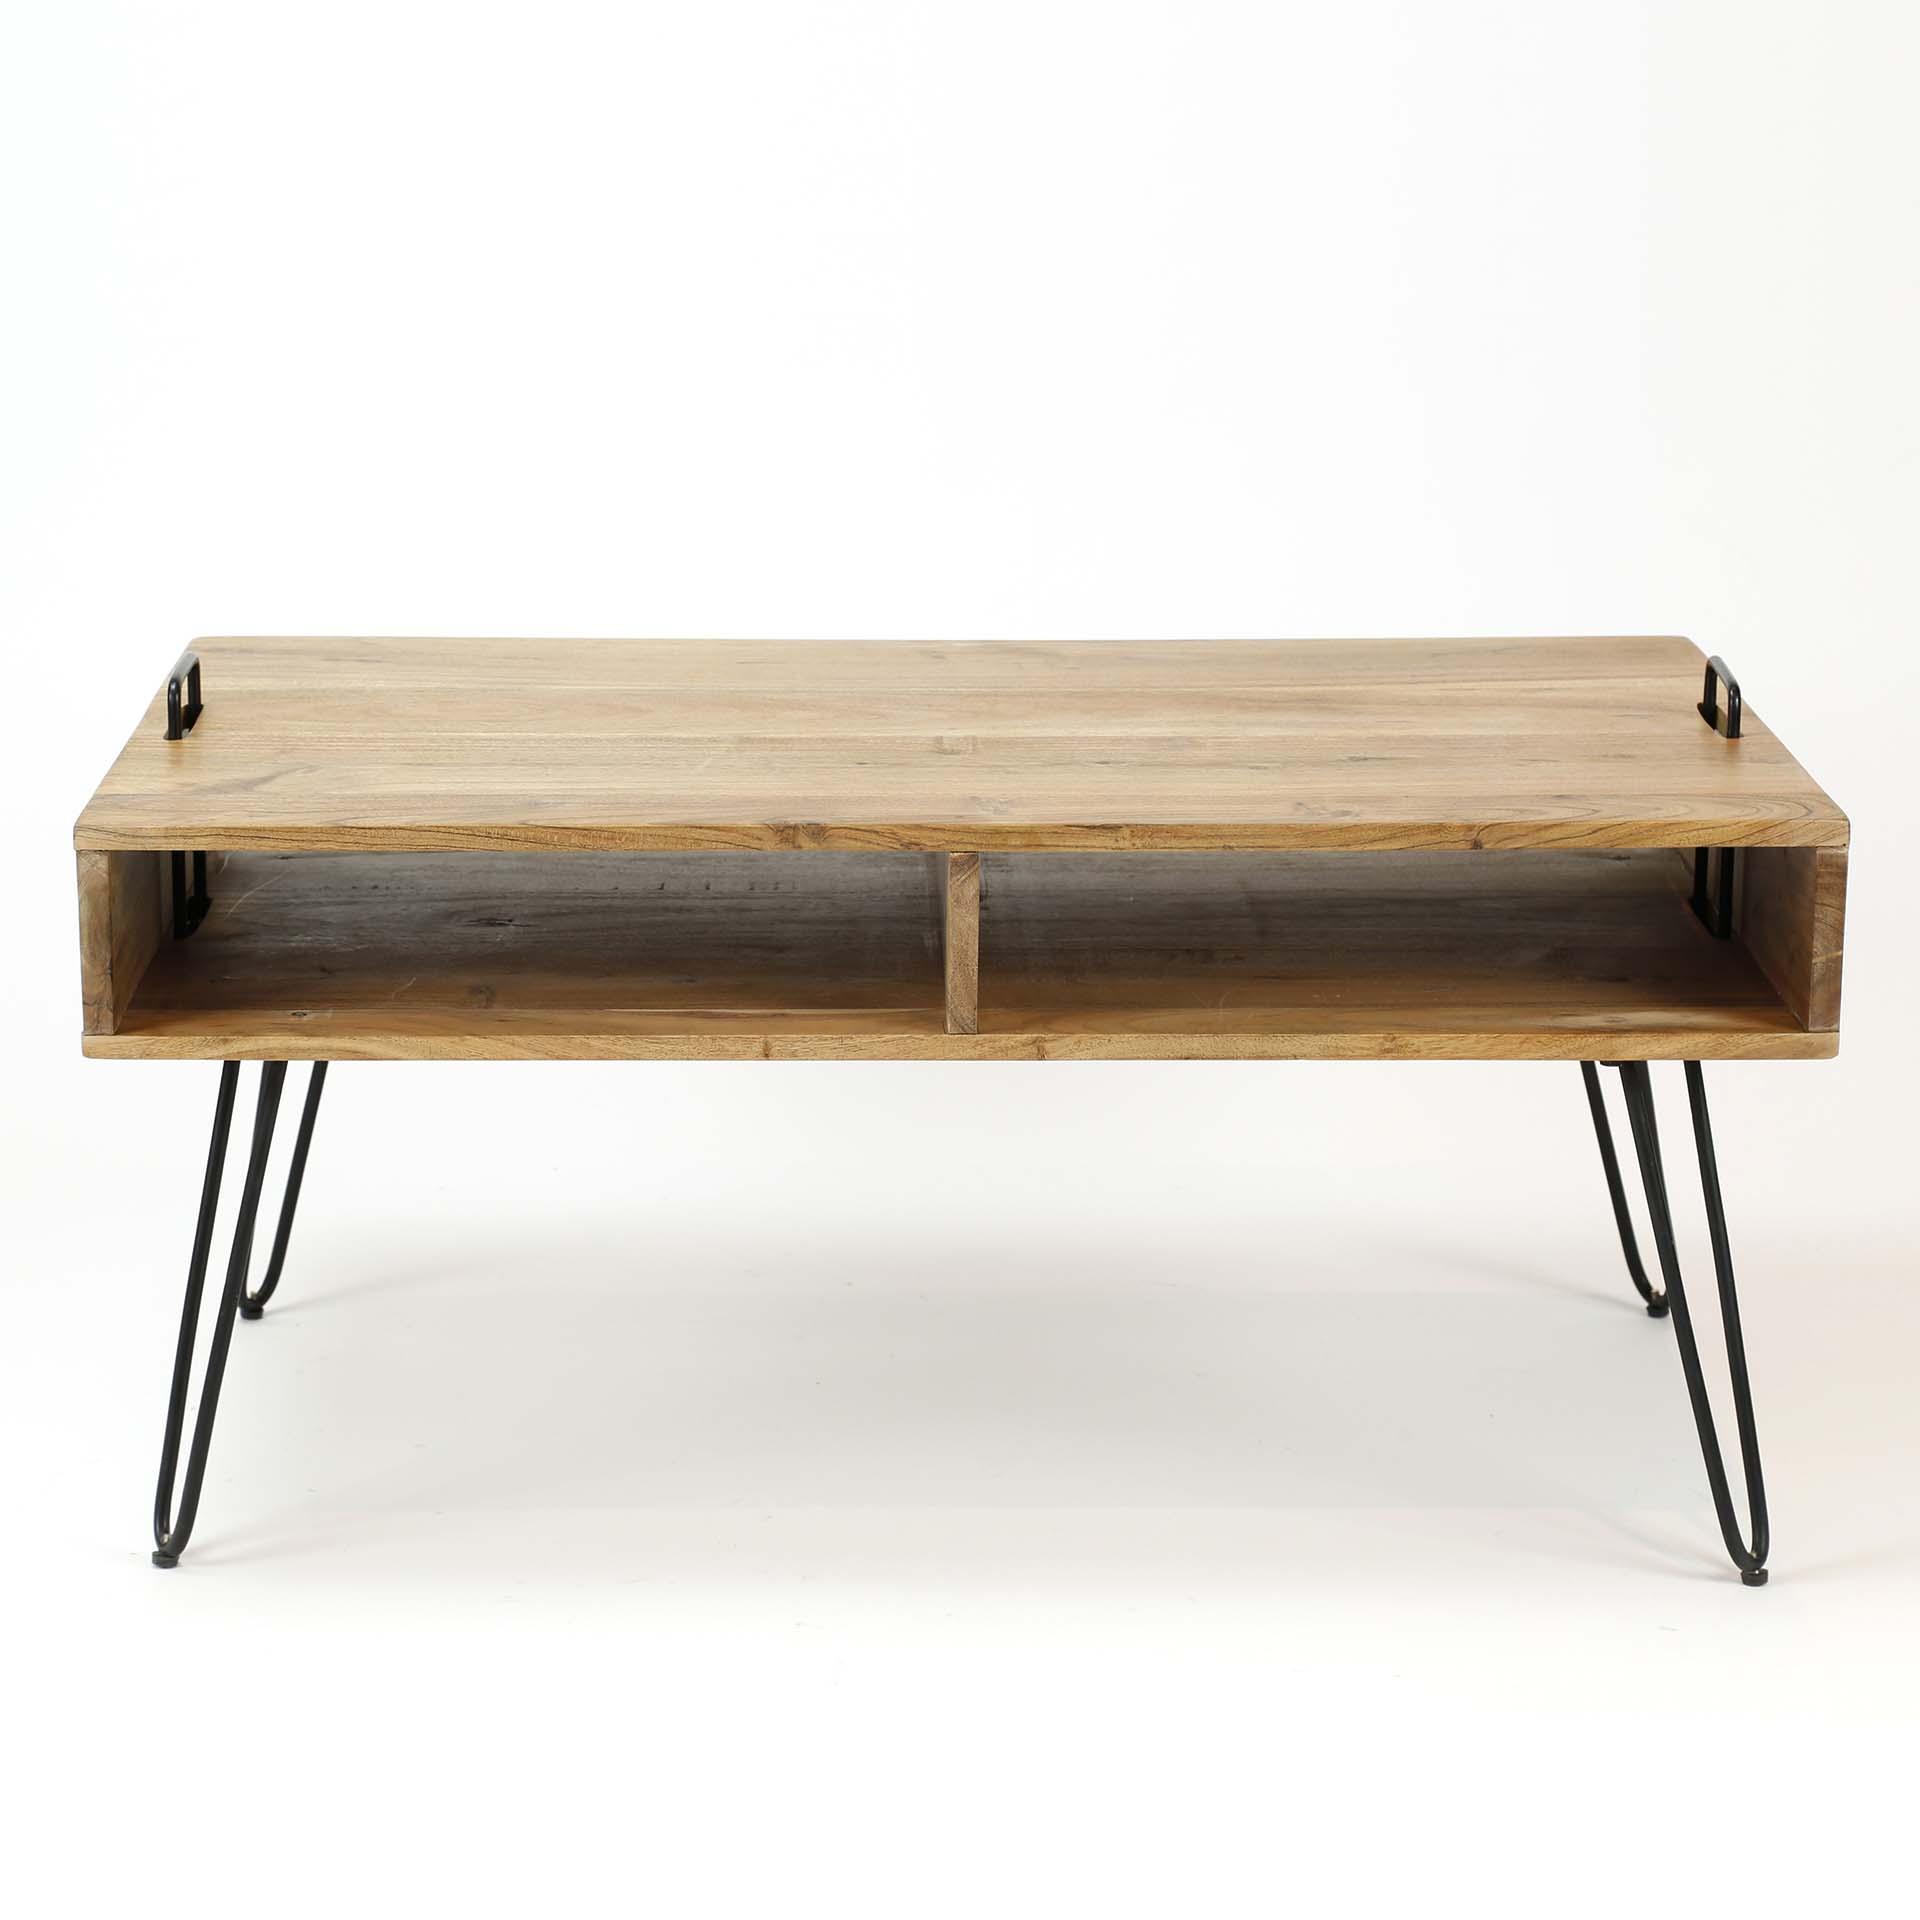 table basse scandinave bois massif 100 cm melbourne